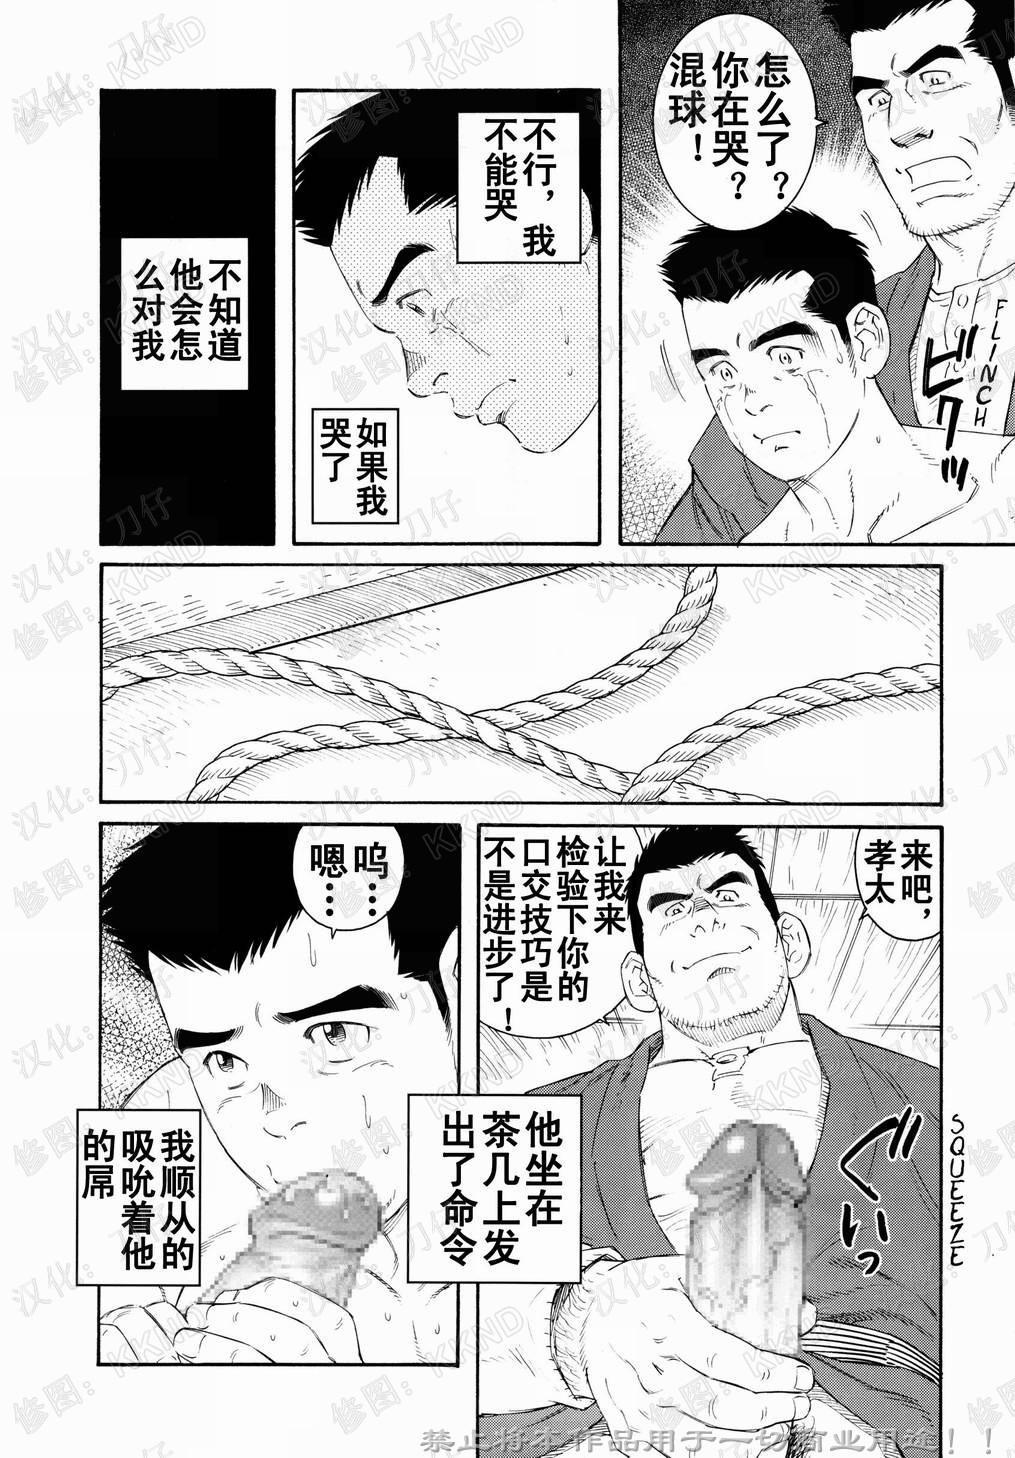 Nagamochi no Naka 53